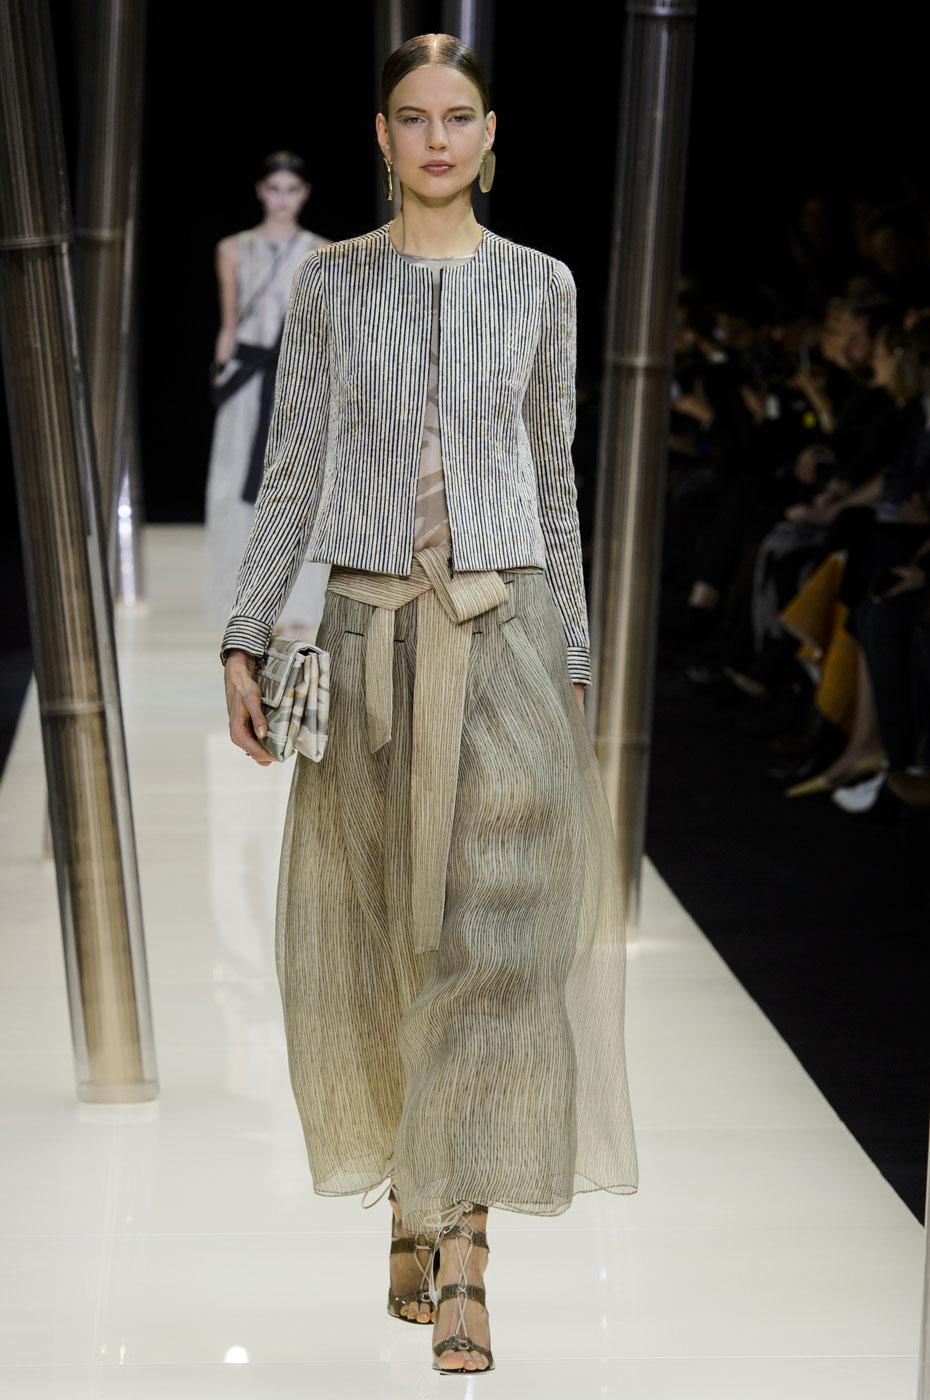 Giorgio-armani-Prive-fashion-runway-show-haute-couture-paris-spring-2015-the-impression-025